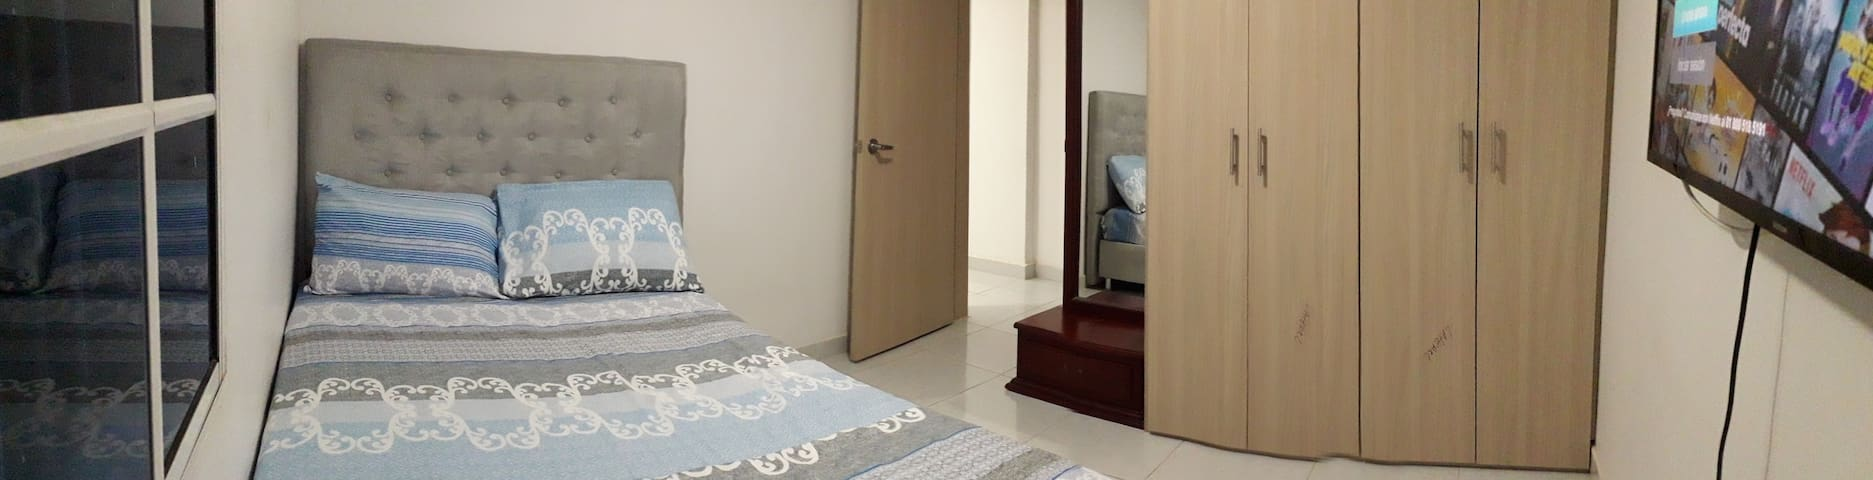 Habitación con aire acondicionado. Tendidos bien limpios amplio muy comodo